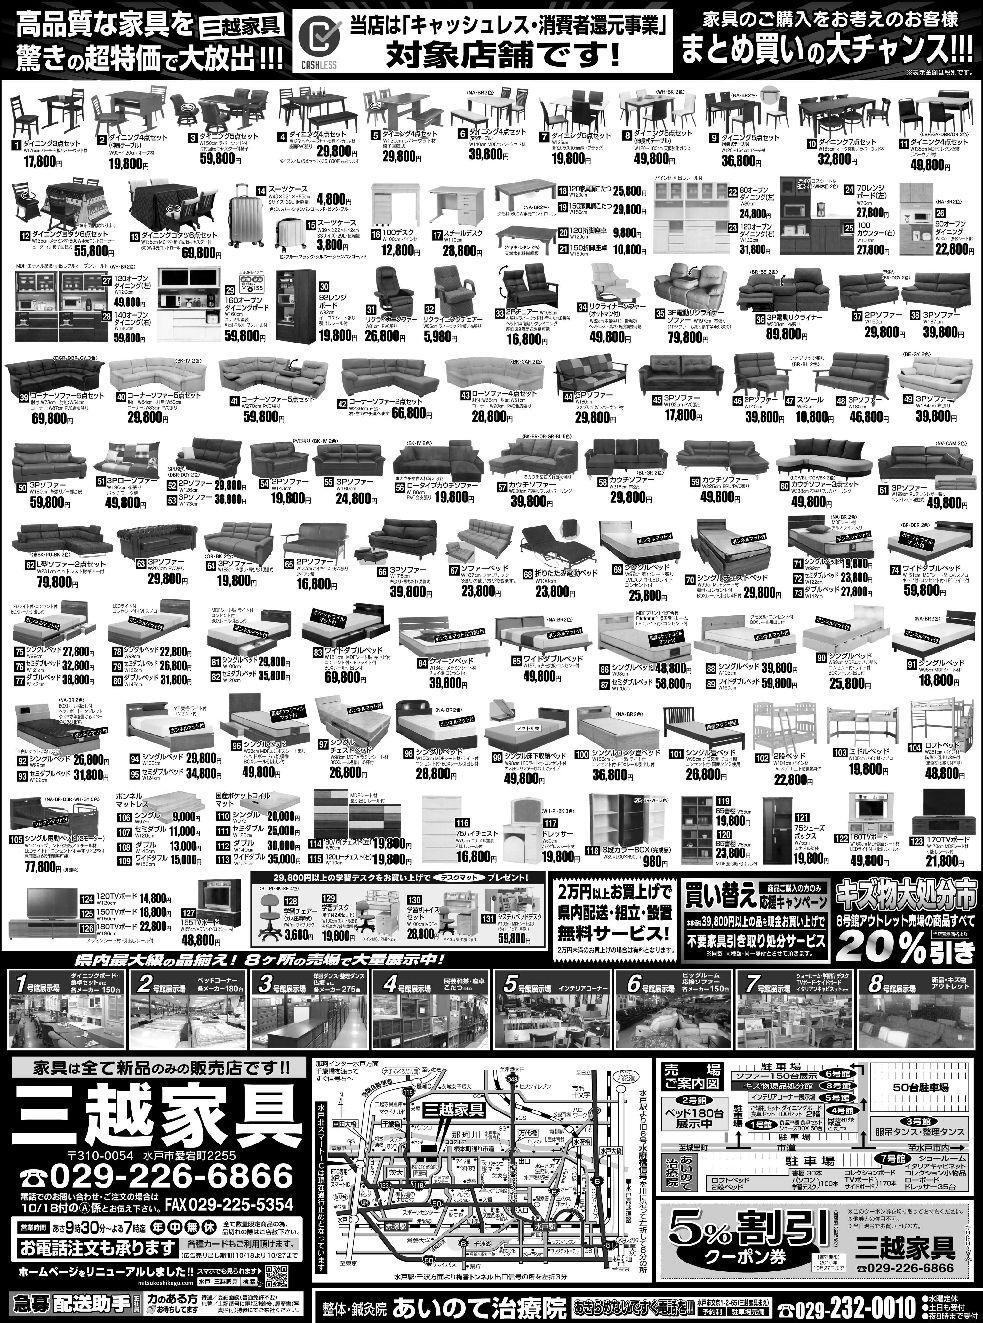 朝日1018